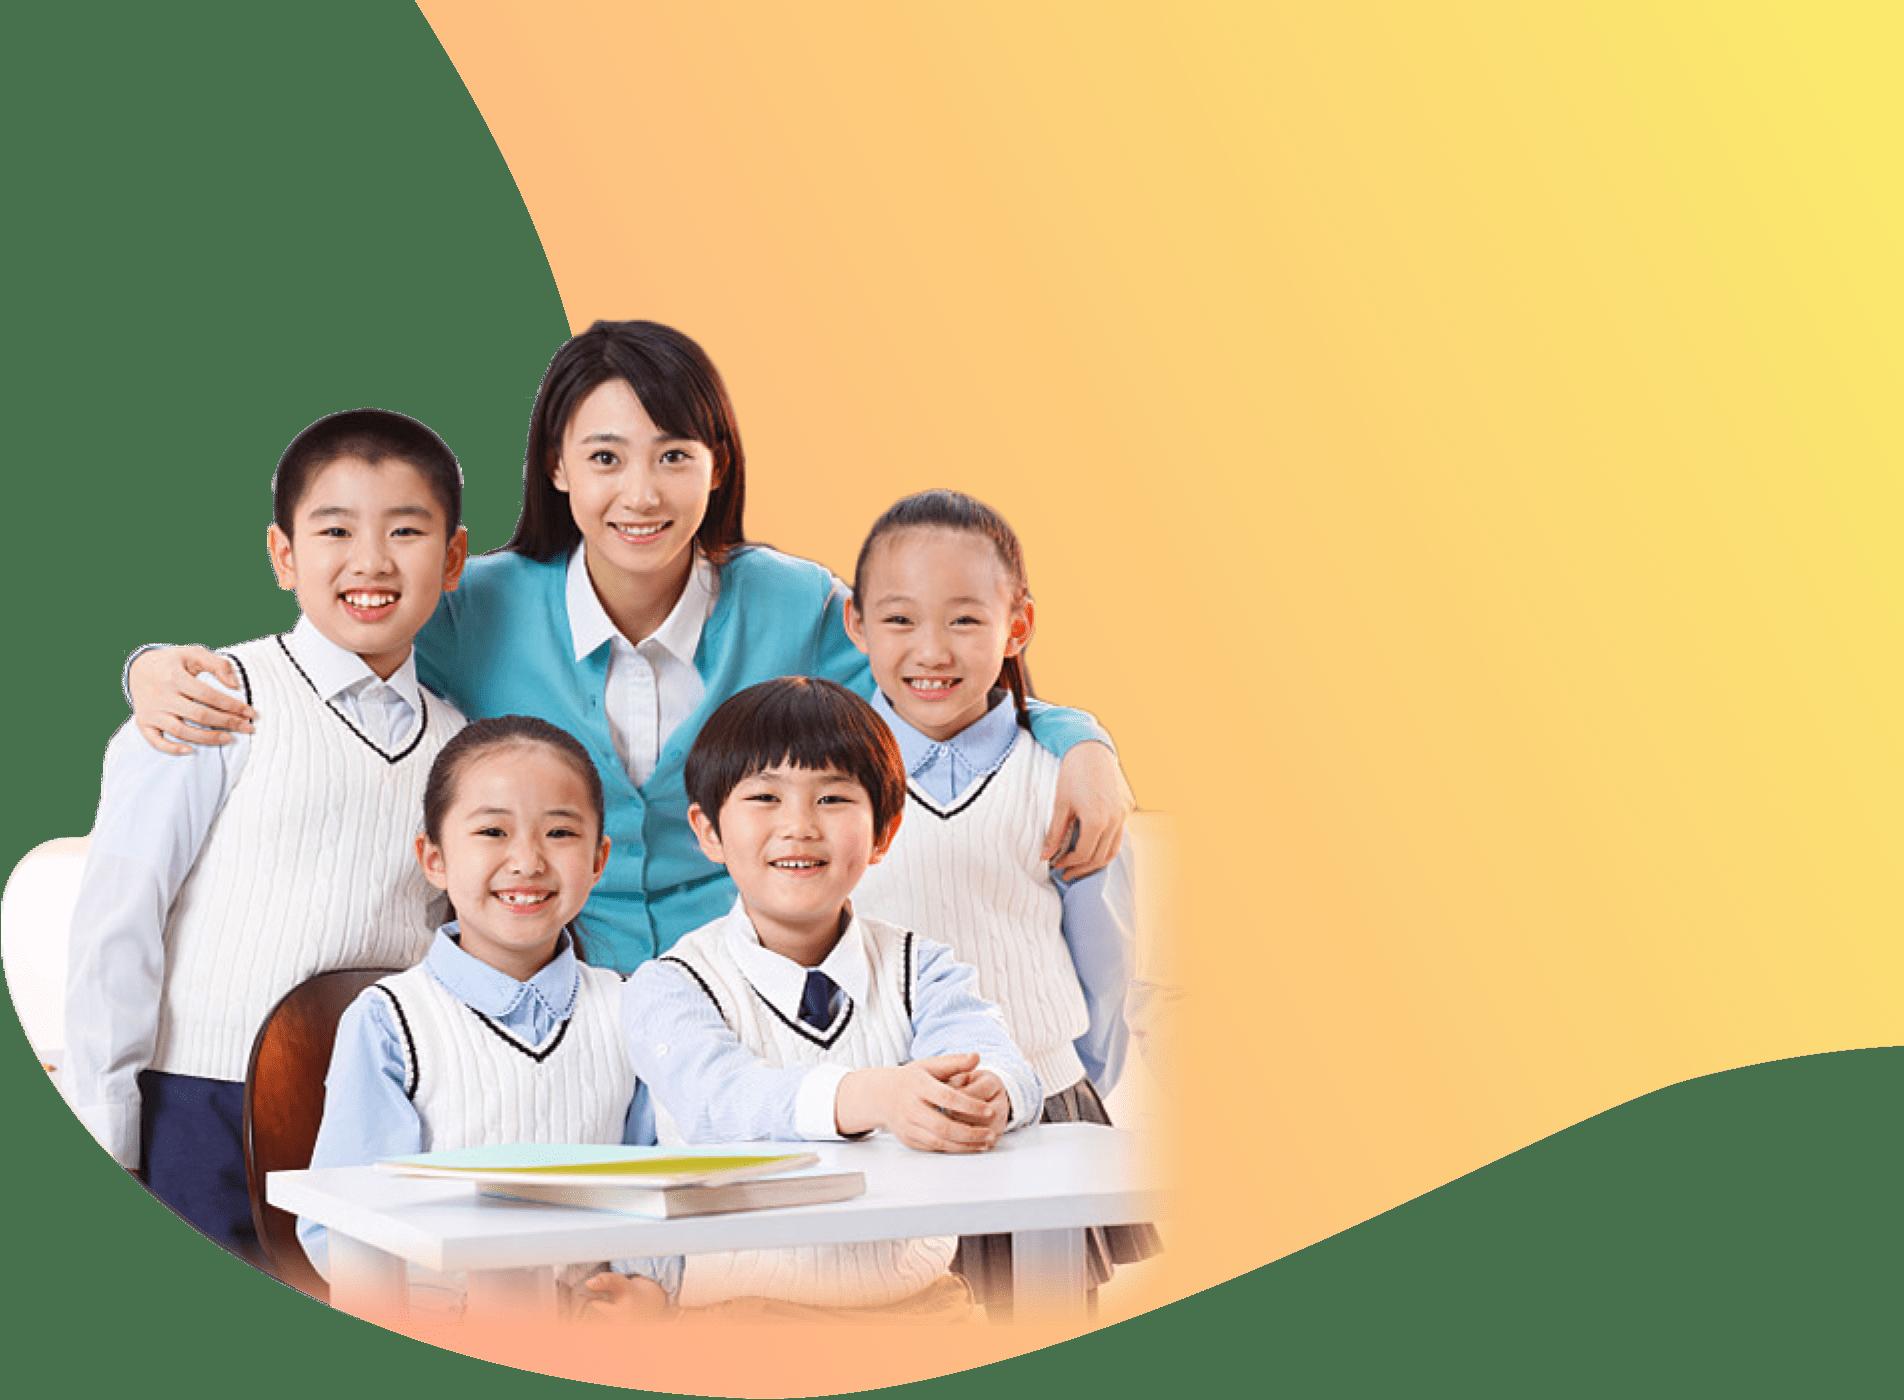 米么教育,国内值得信赖教育培训软件服务提供商